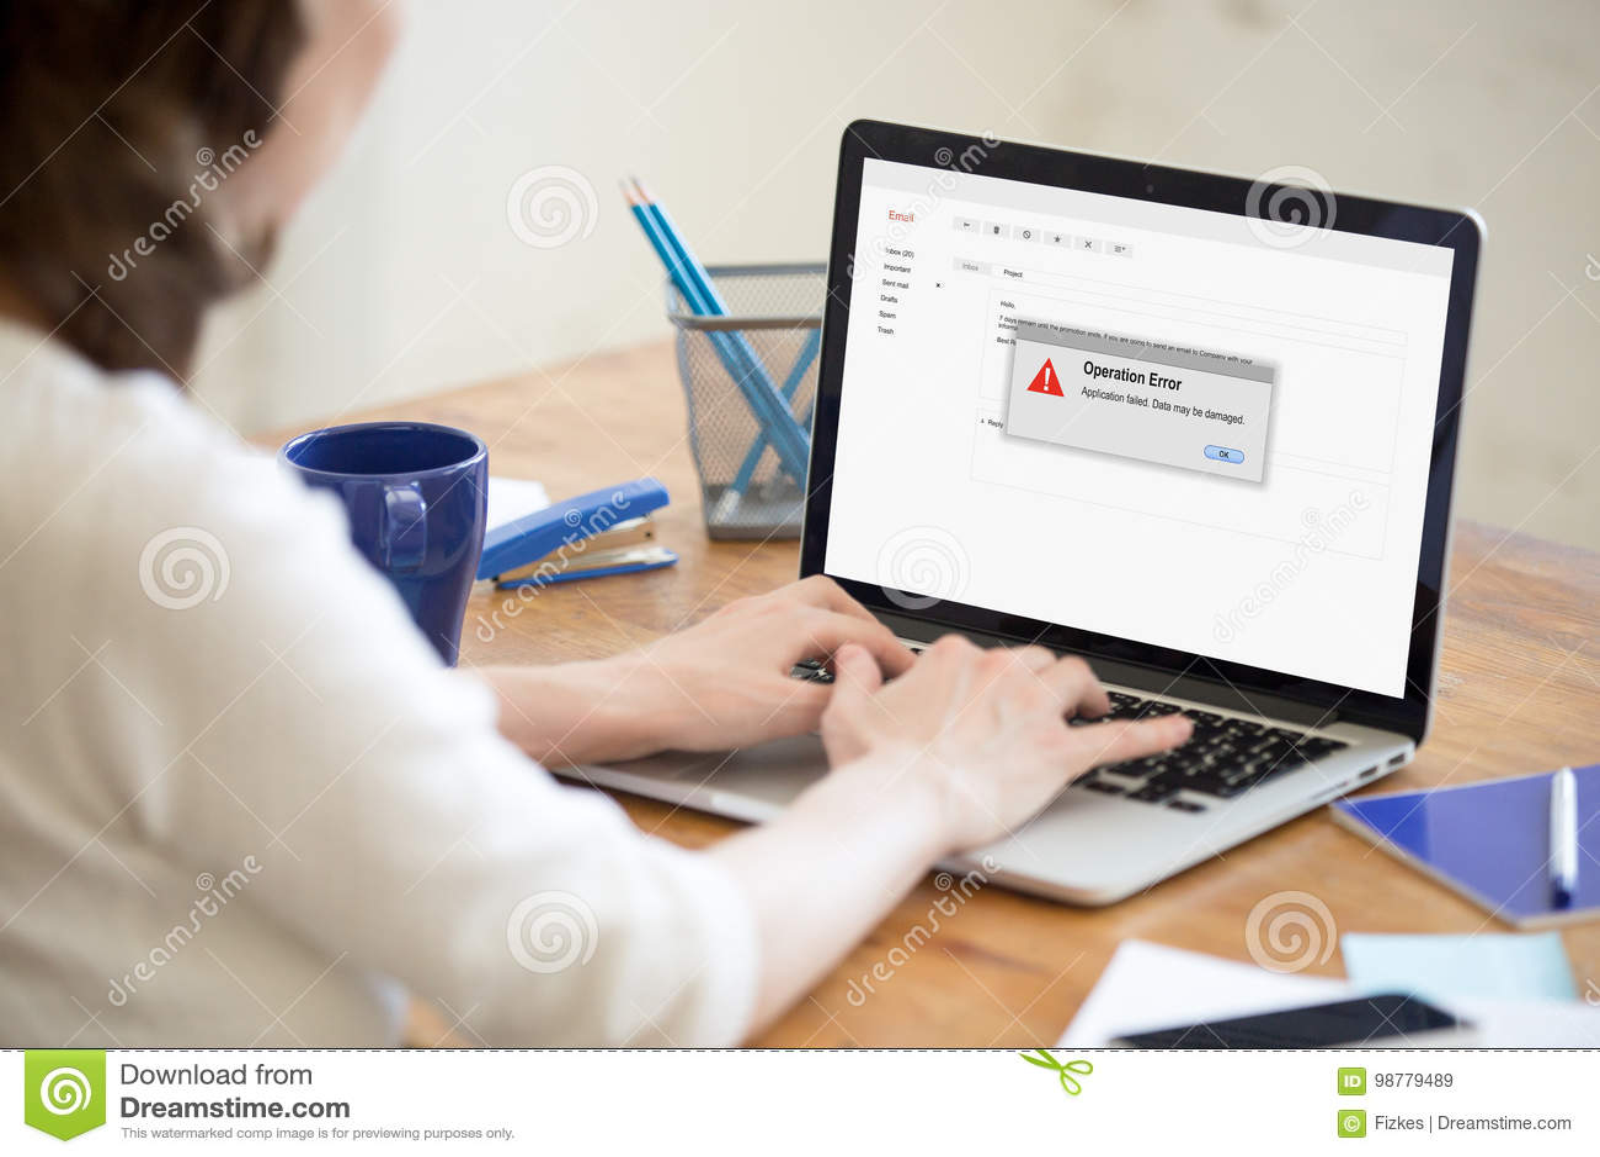 Frau, die Problem mit Computer, Anwendung verlassen, operatio hat